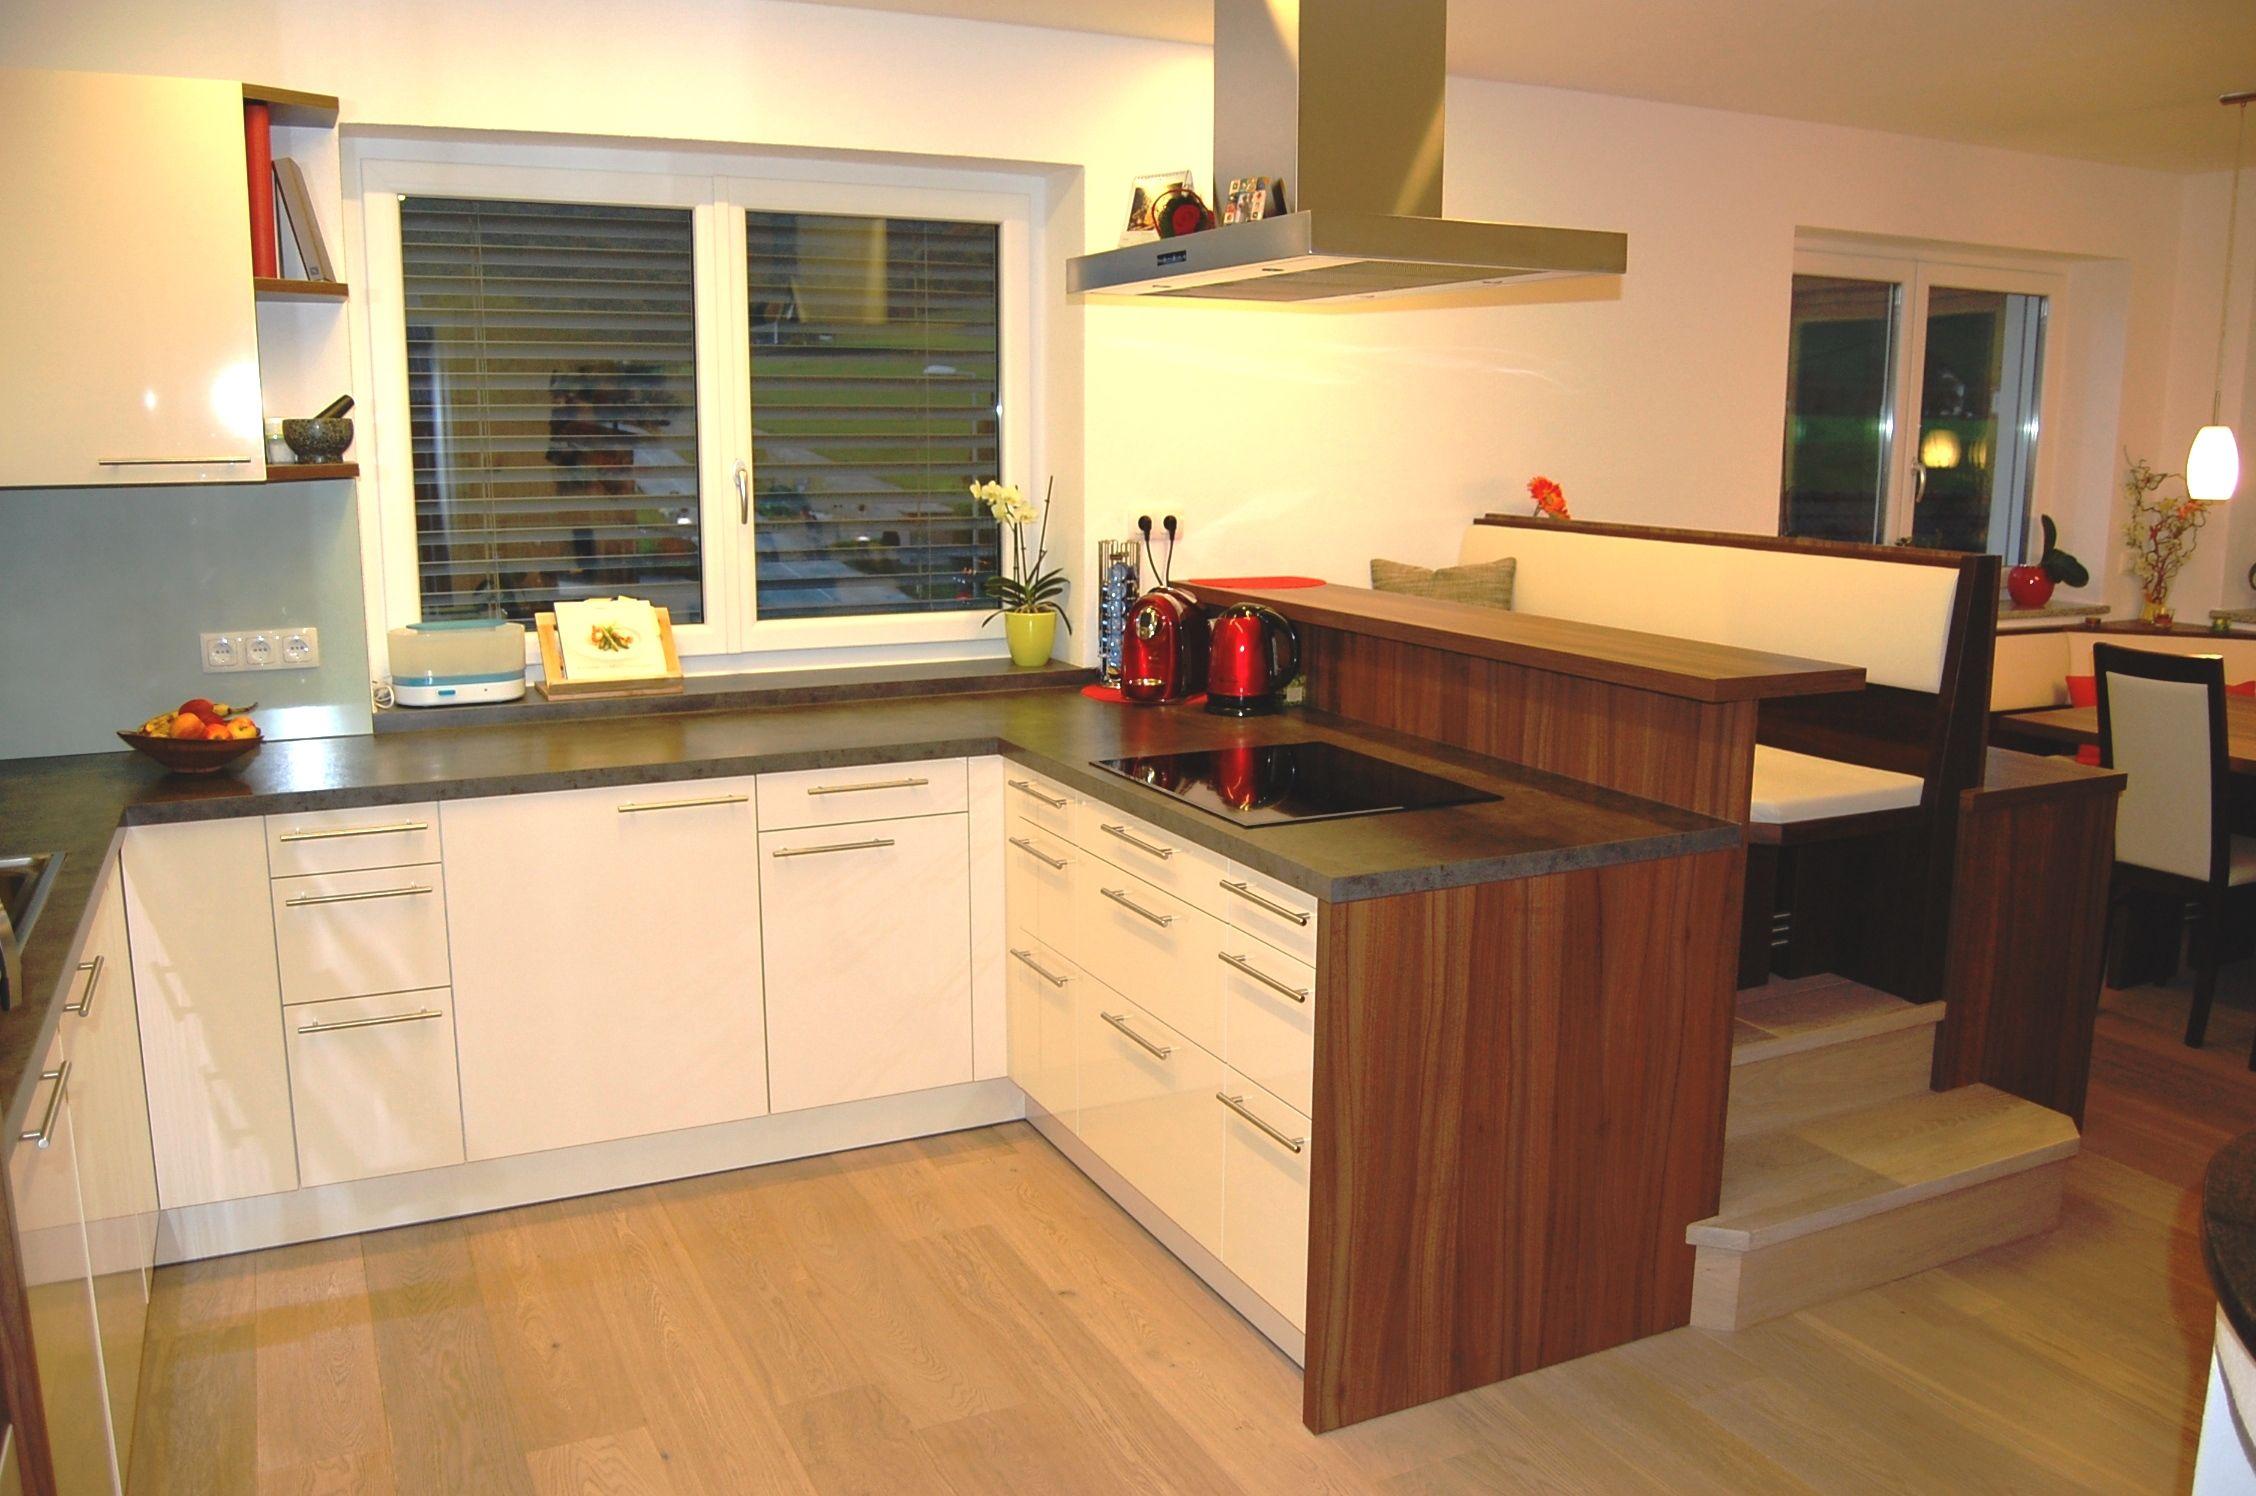 küche mit bartheke mit bank - Google-Suche | Küche | Pinterest ...